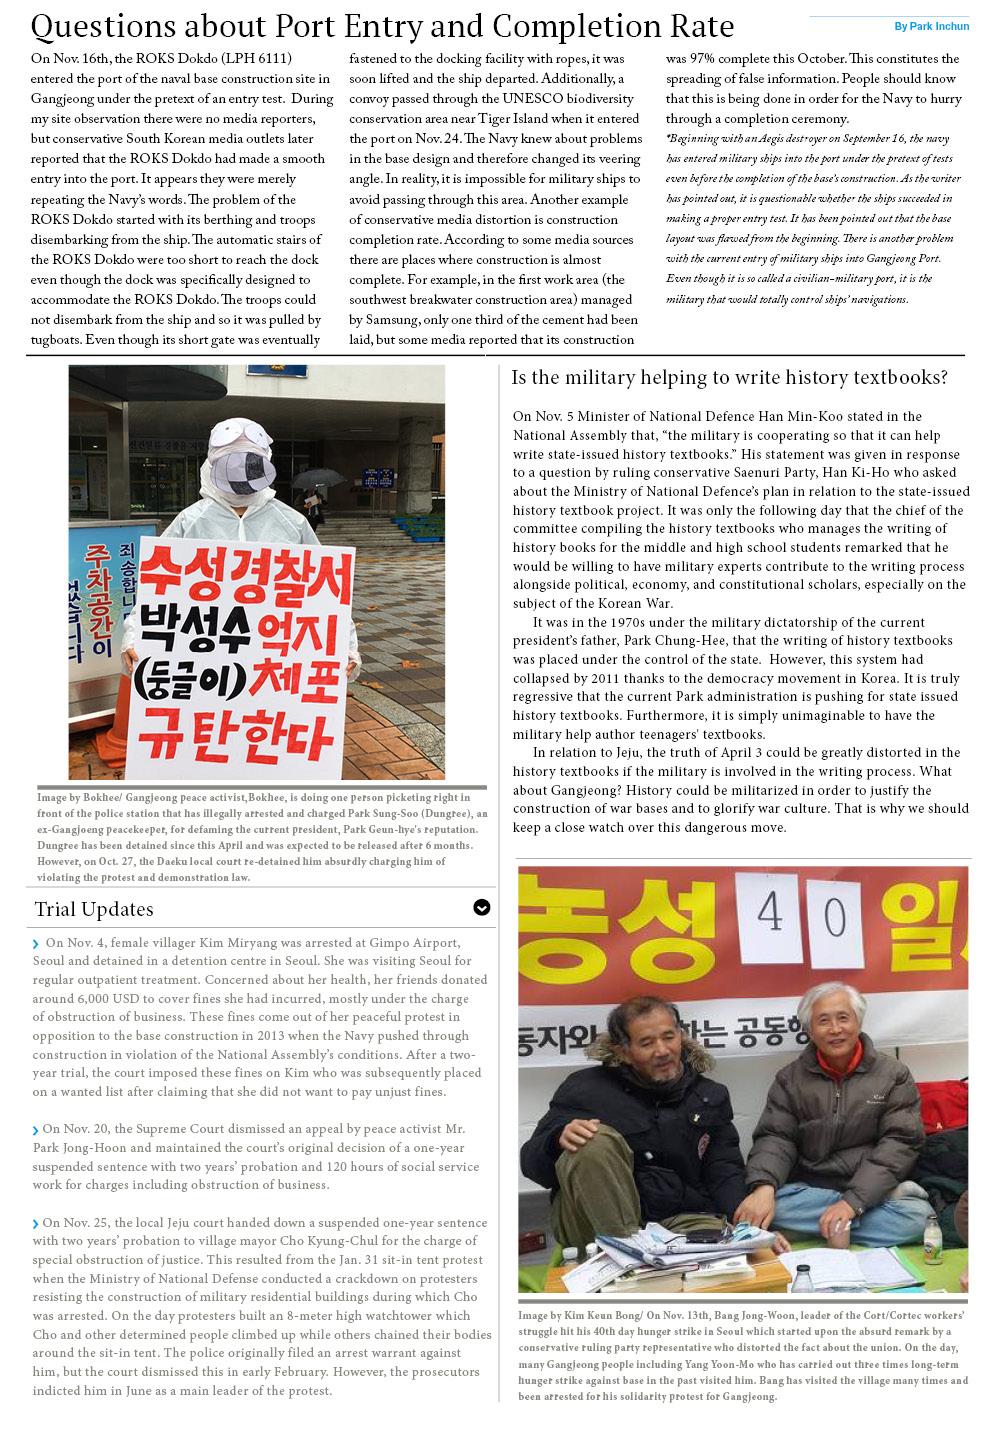 November 2015_Page 3x